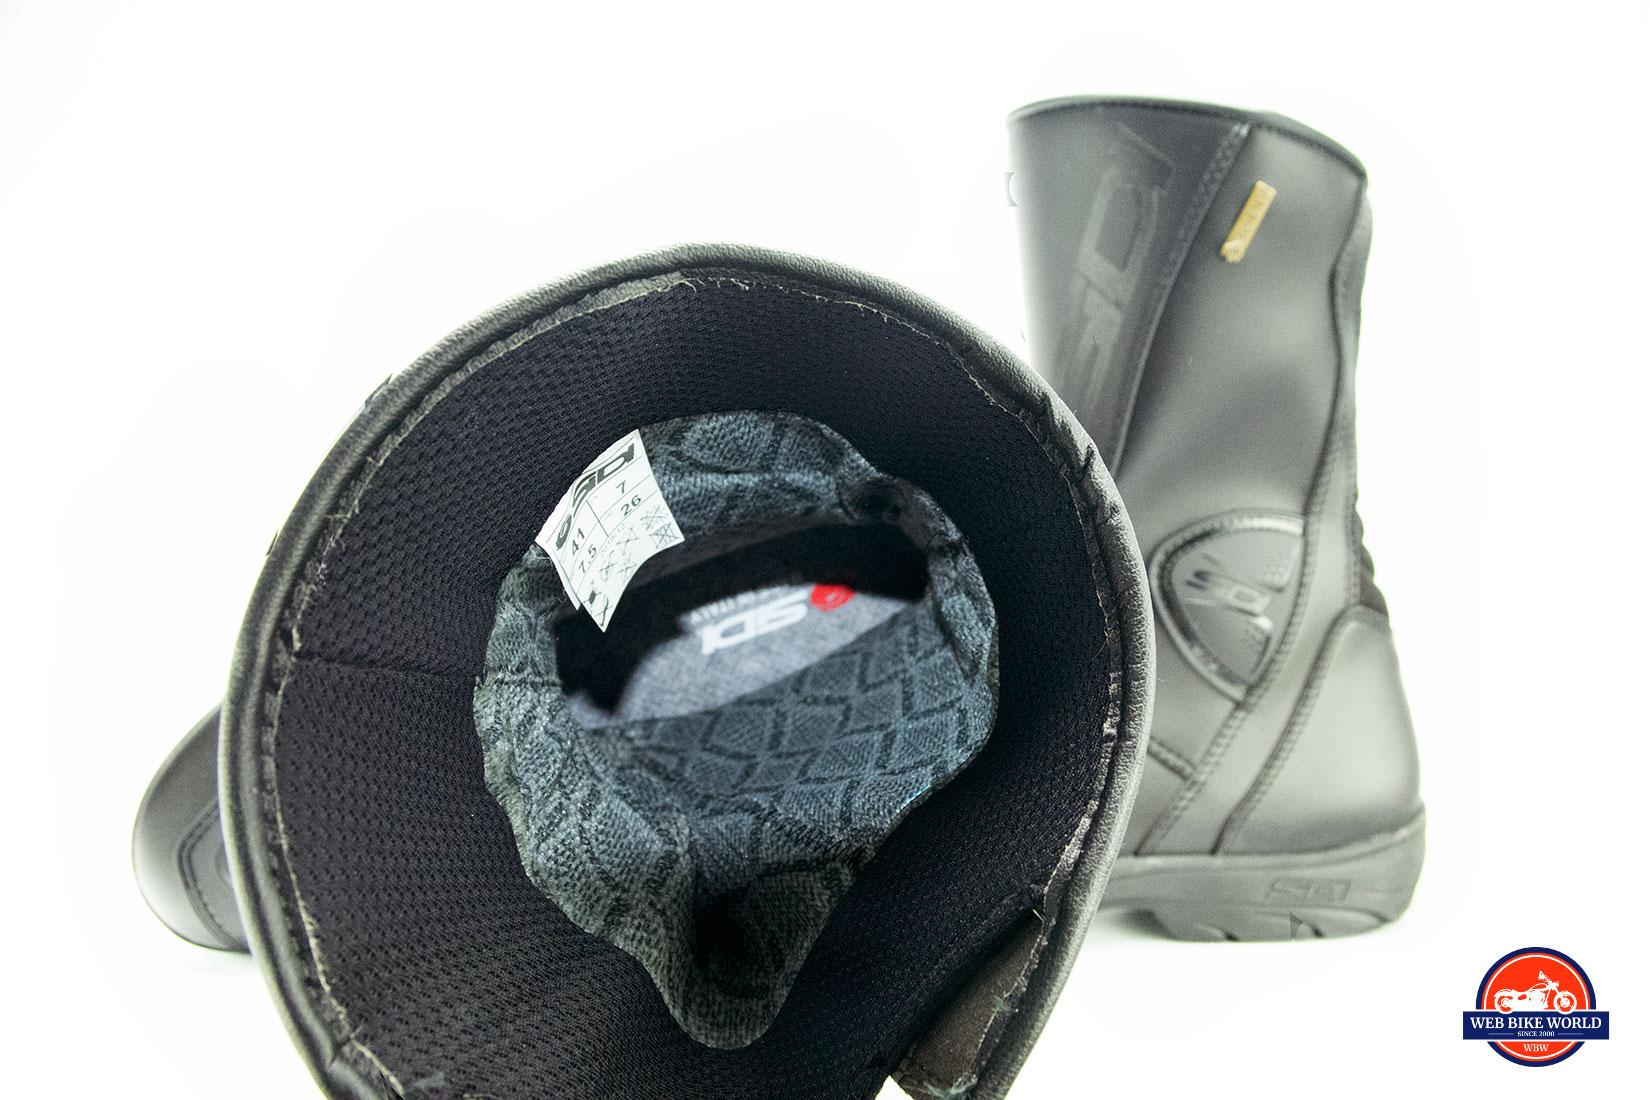 Sidi Gavia Gore-Tex Boots Cambrelle liner.